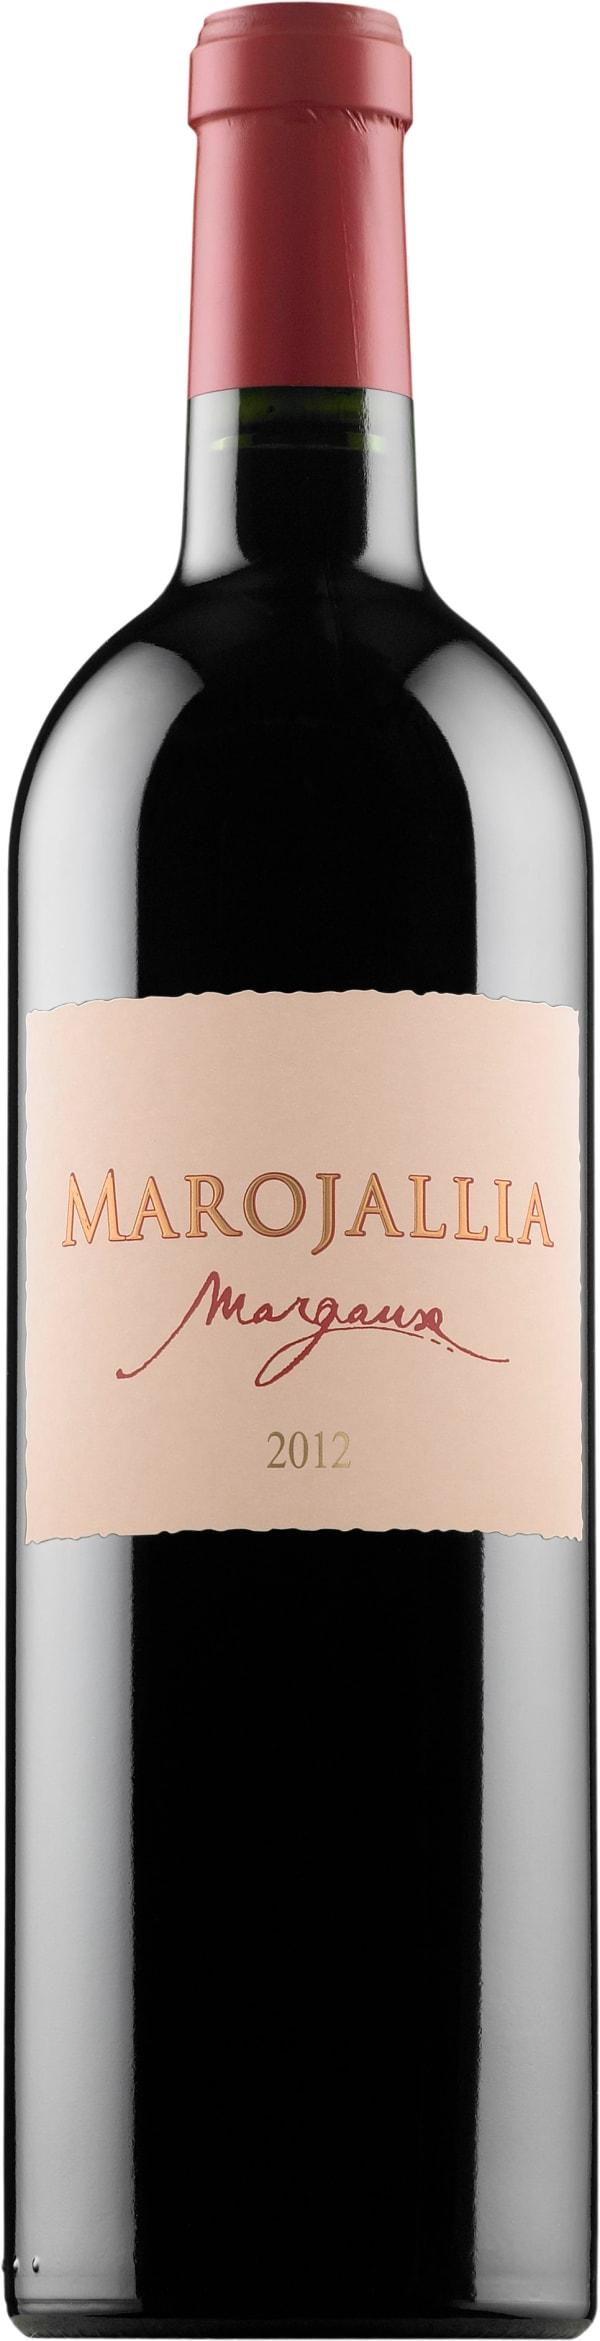 Marojallia 2012